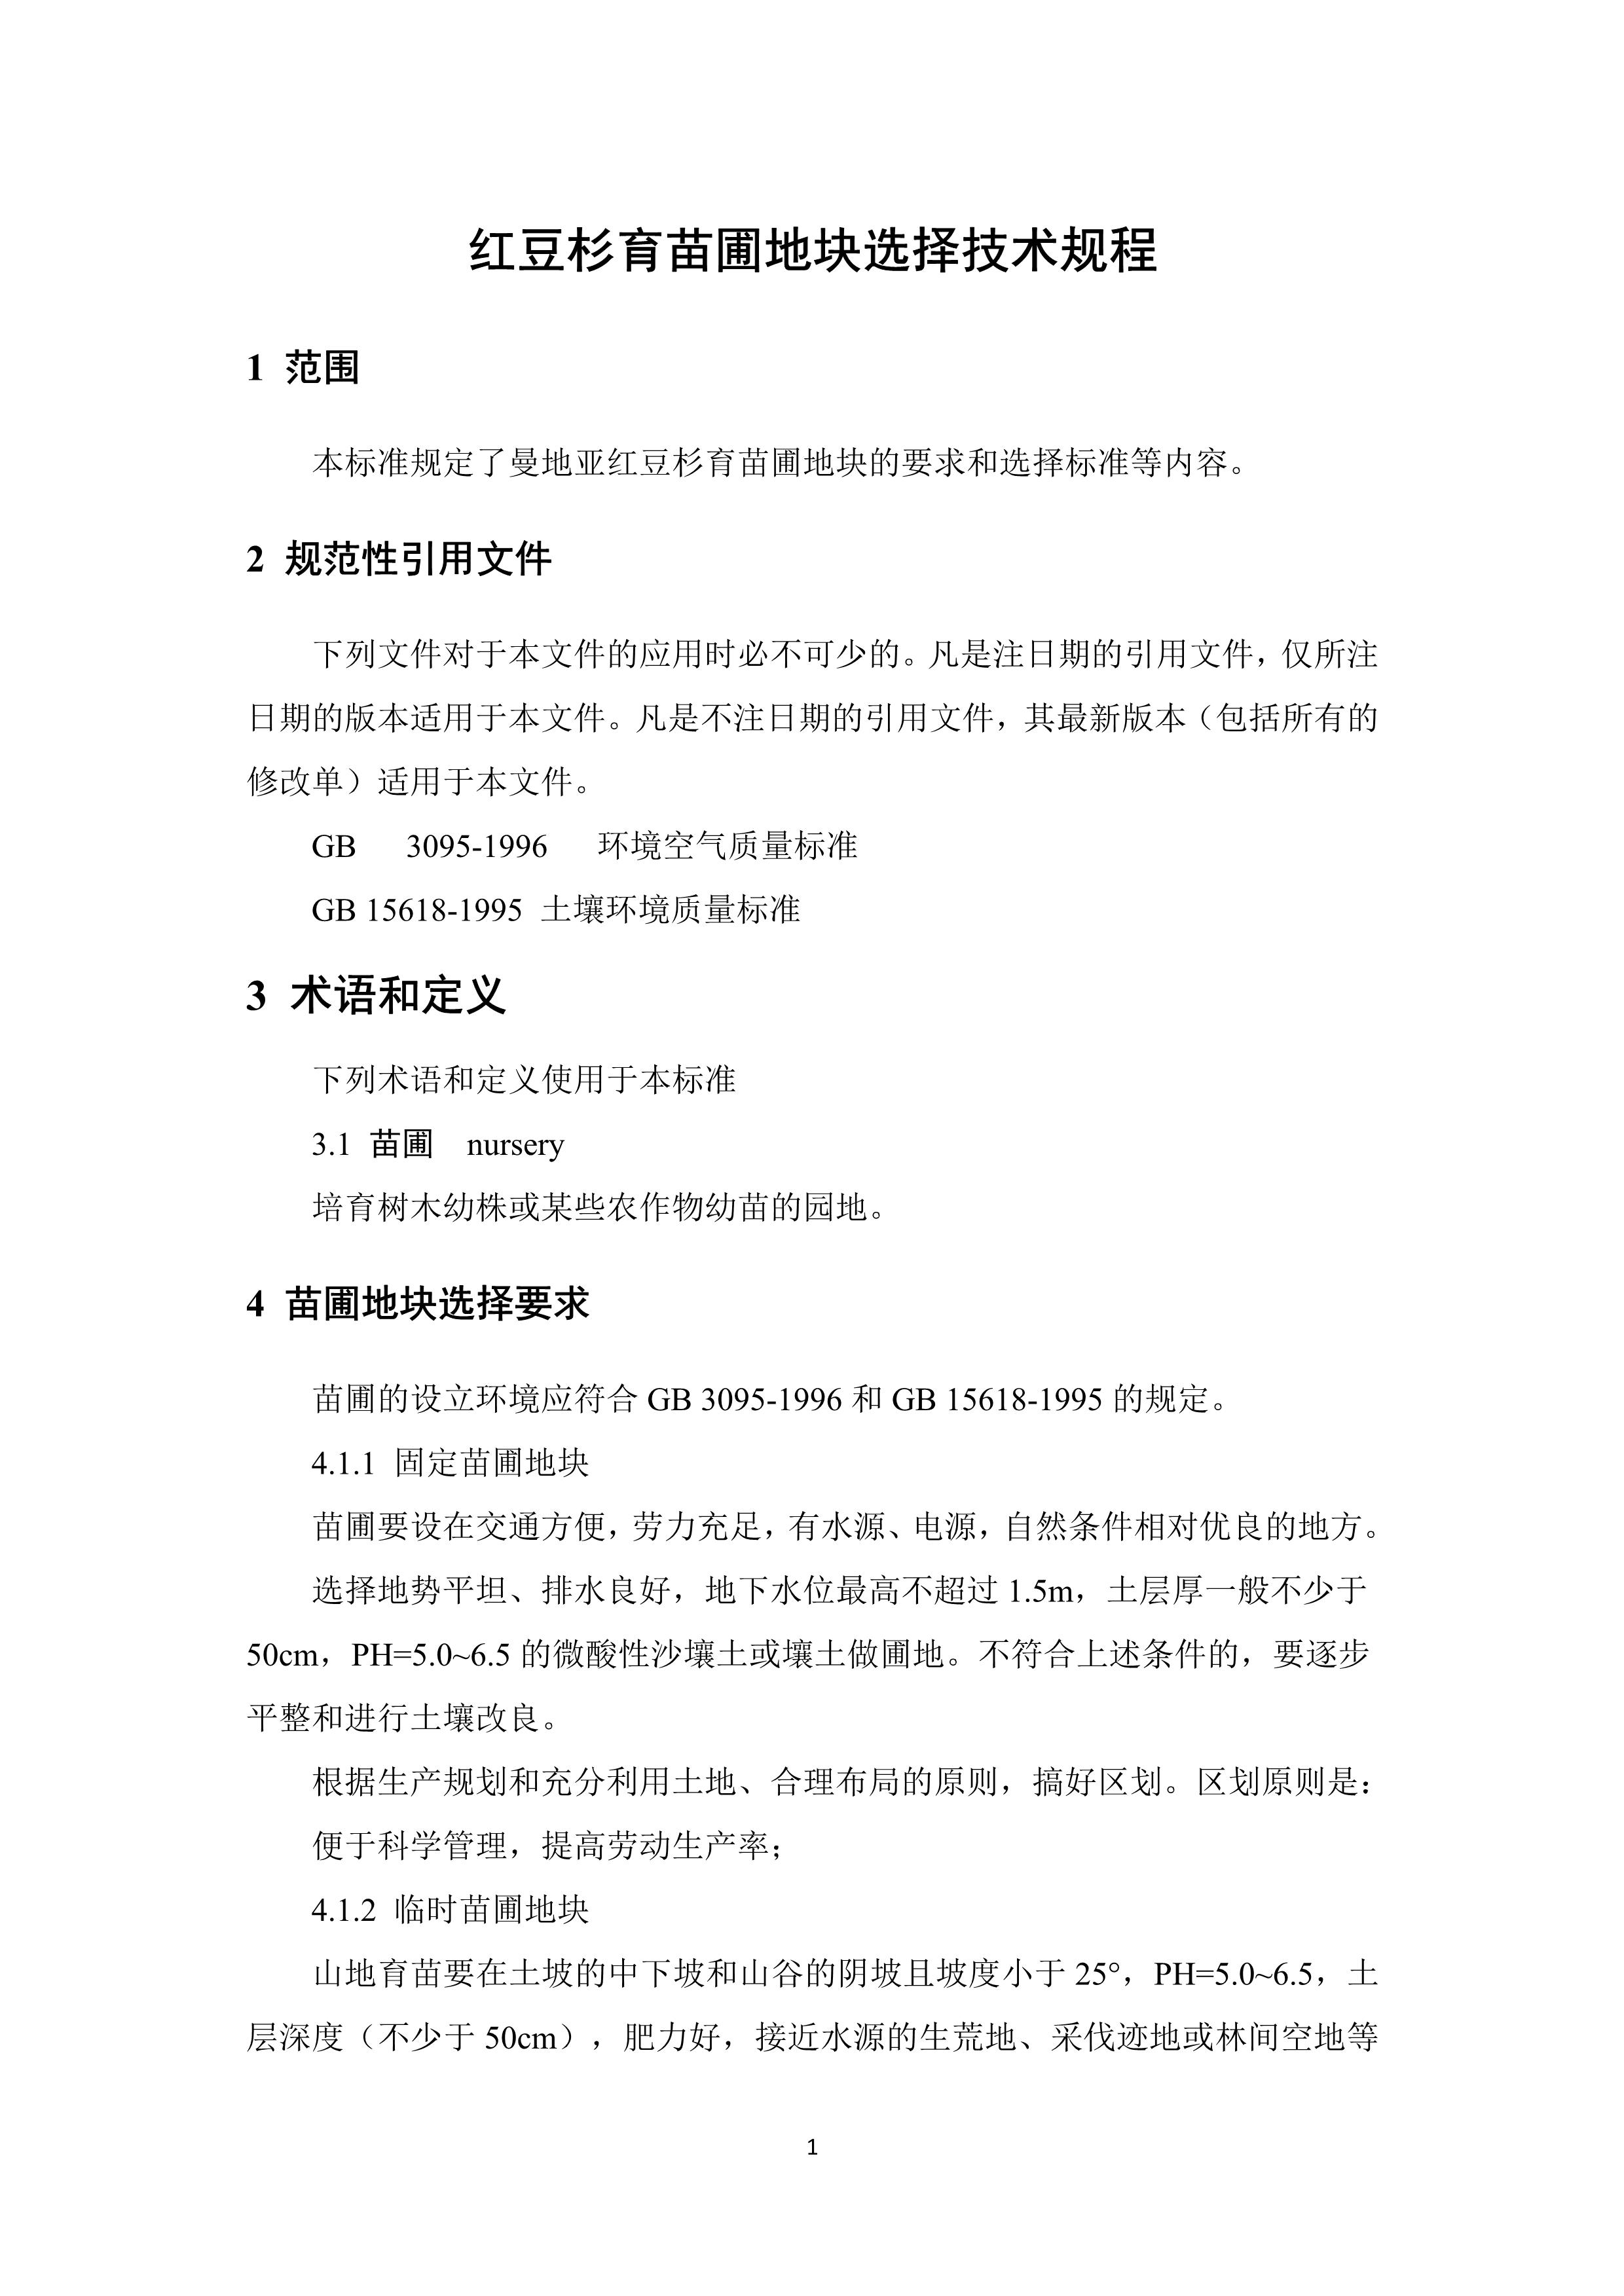 红豆杉育苗地块选择技术规程_4.png